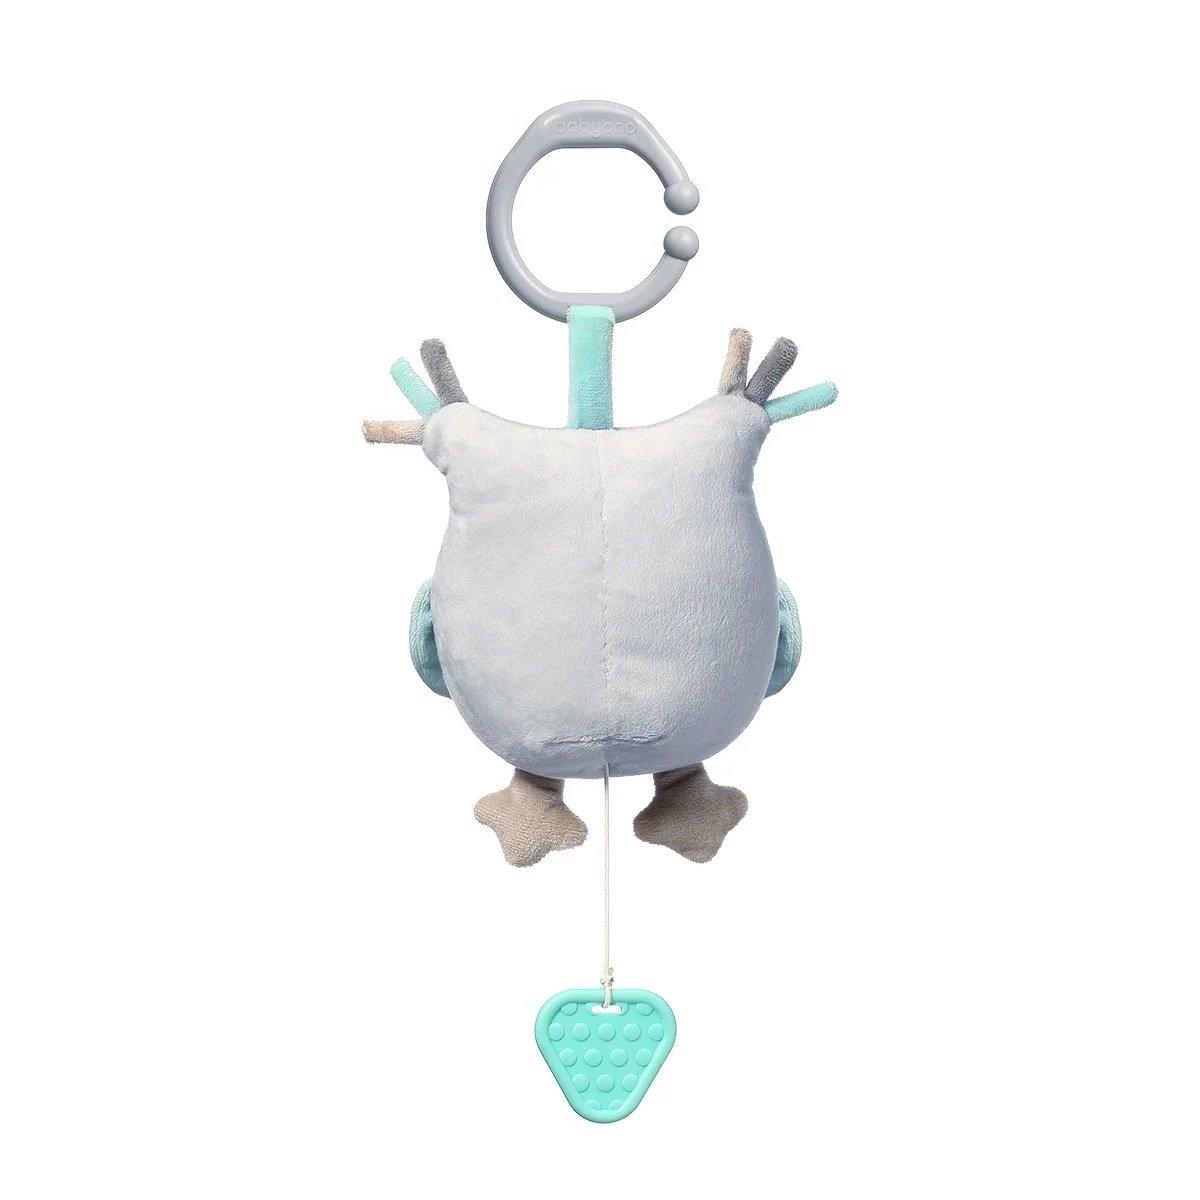 Ply�ov� hra�ka s klipom a vibr�ci� OWL SOPHIA - zv��i� obr�zok